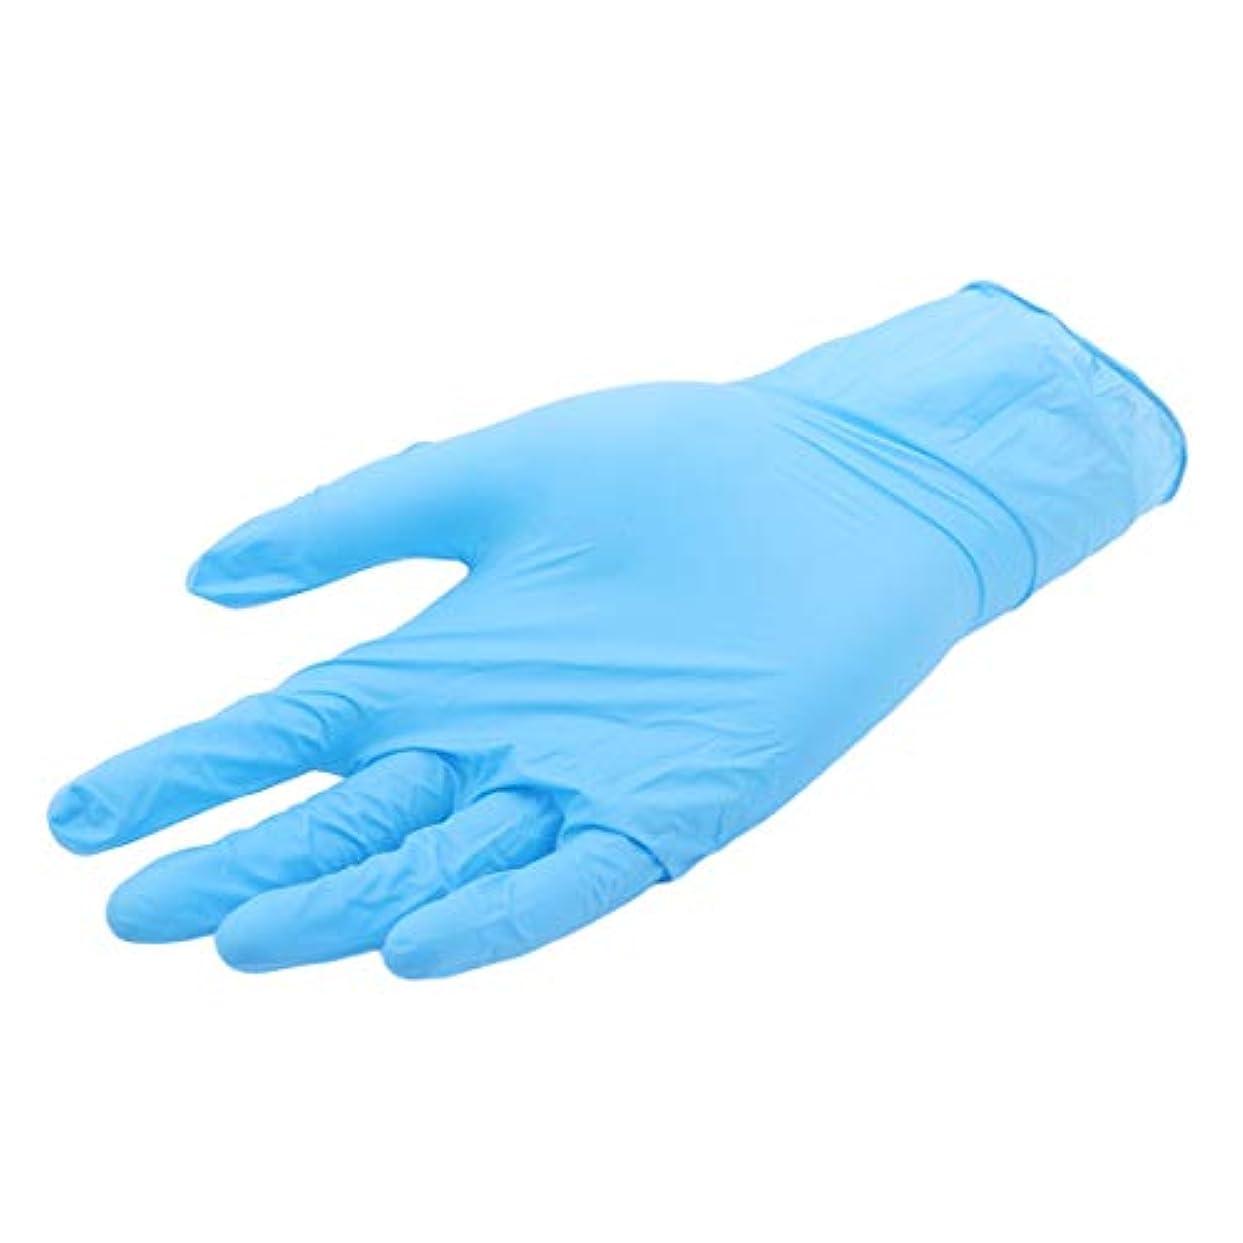 以上口実ワイプKLUMA ニトリル手袋 使い捨て手袋 100枚入 粉なし 薄い手袋 防水 耐油性 手荒いを防ぎ 園芸 素手感覚